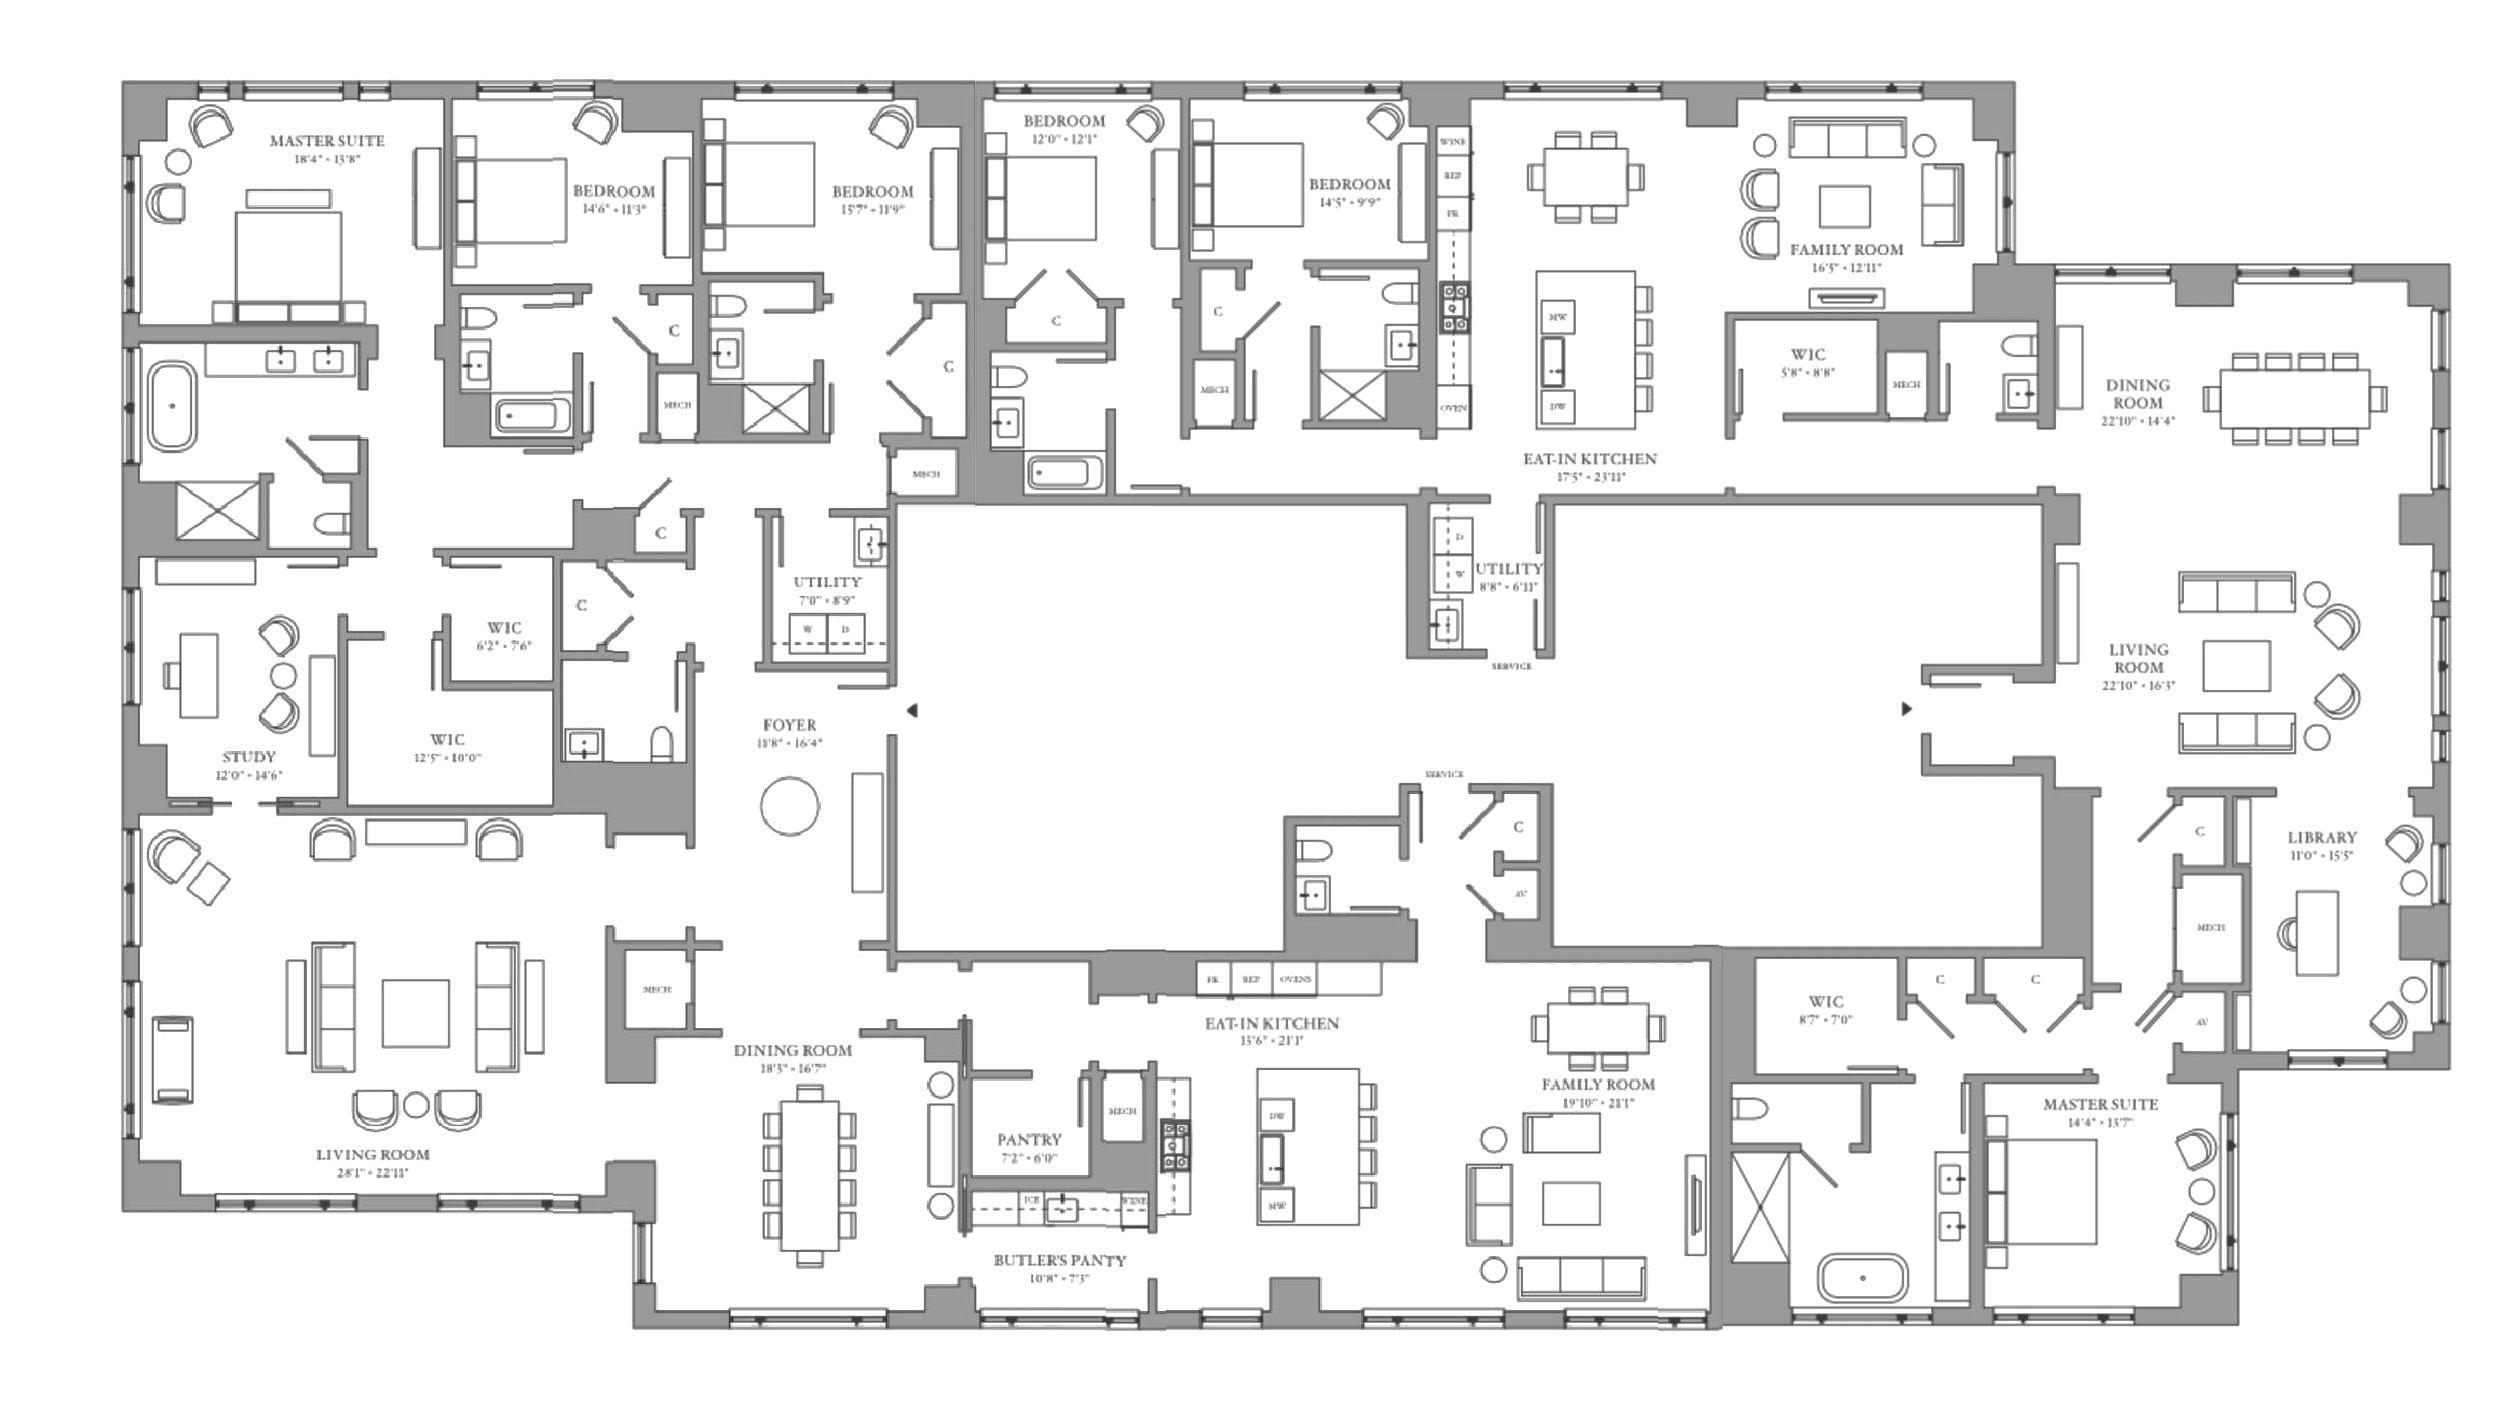 One Bennett Park Floor Plans Residence 11 12 451 E Grand Ave Chicago Il Floor Plans Bedroom Floor Plans Plan Design